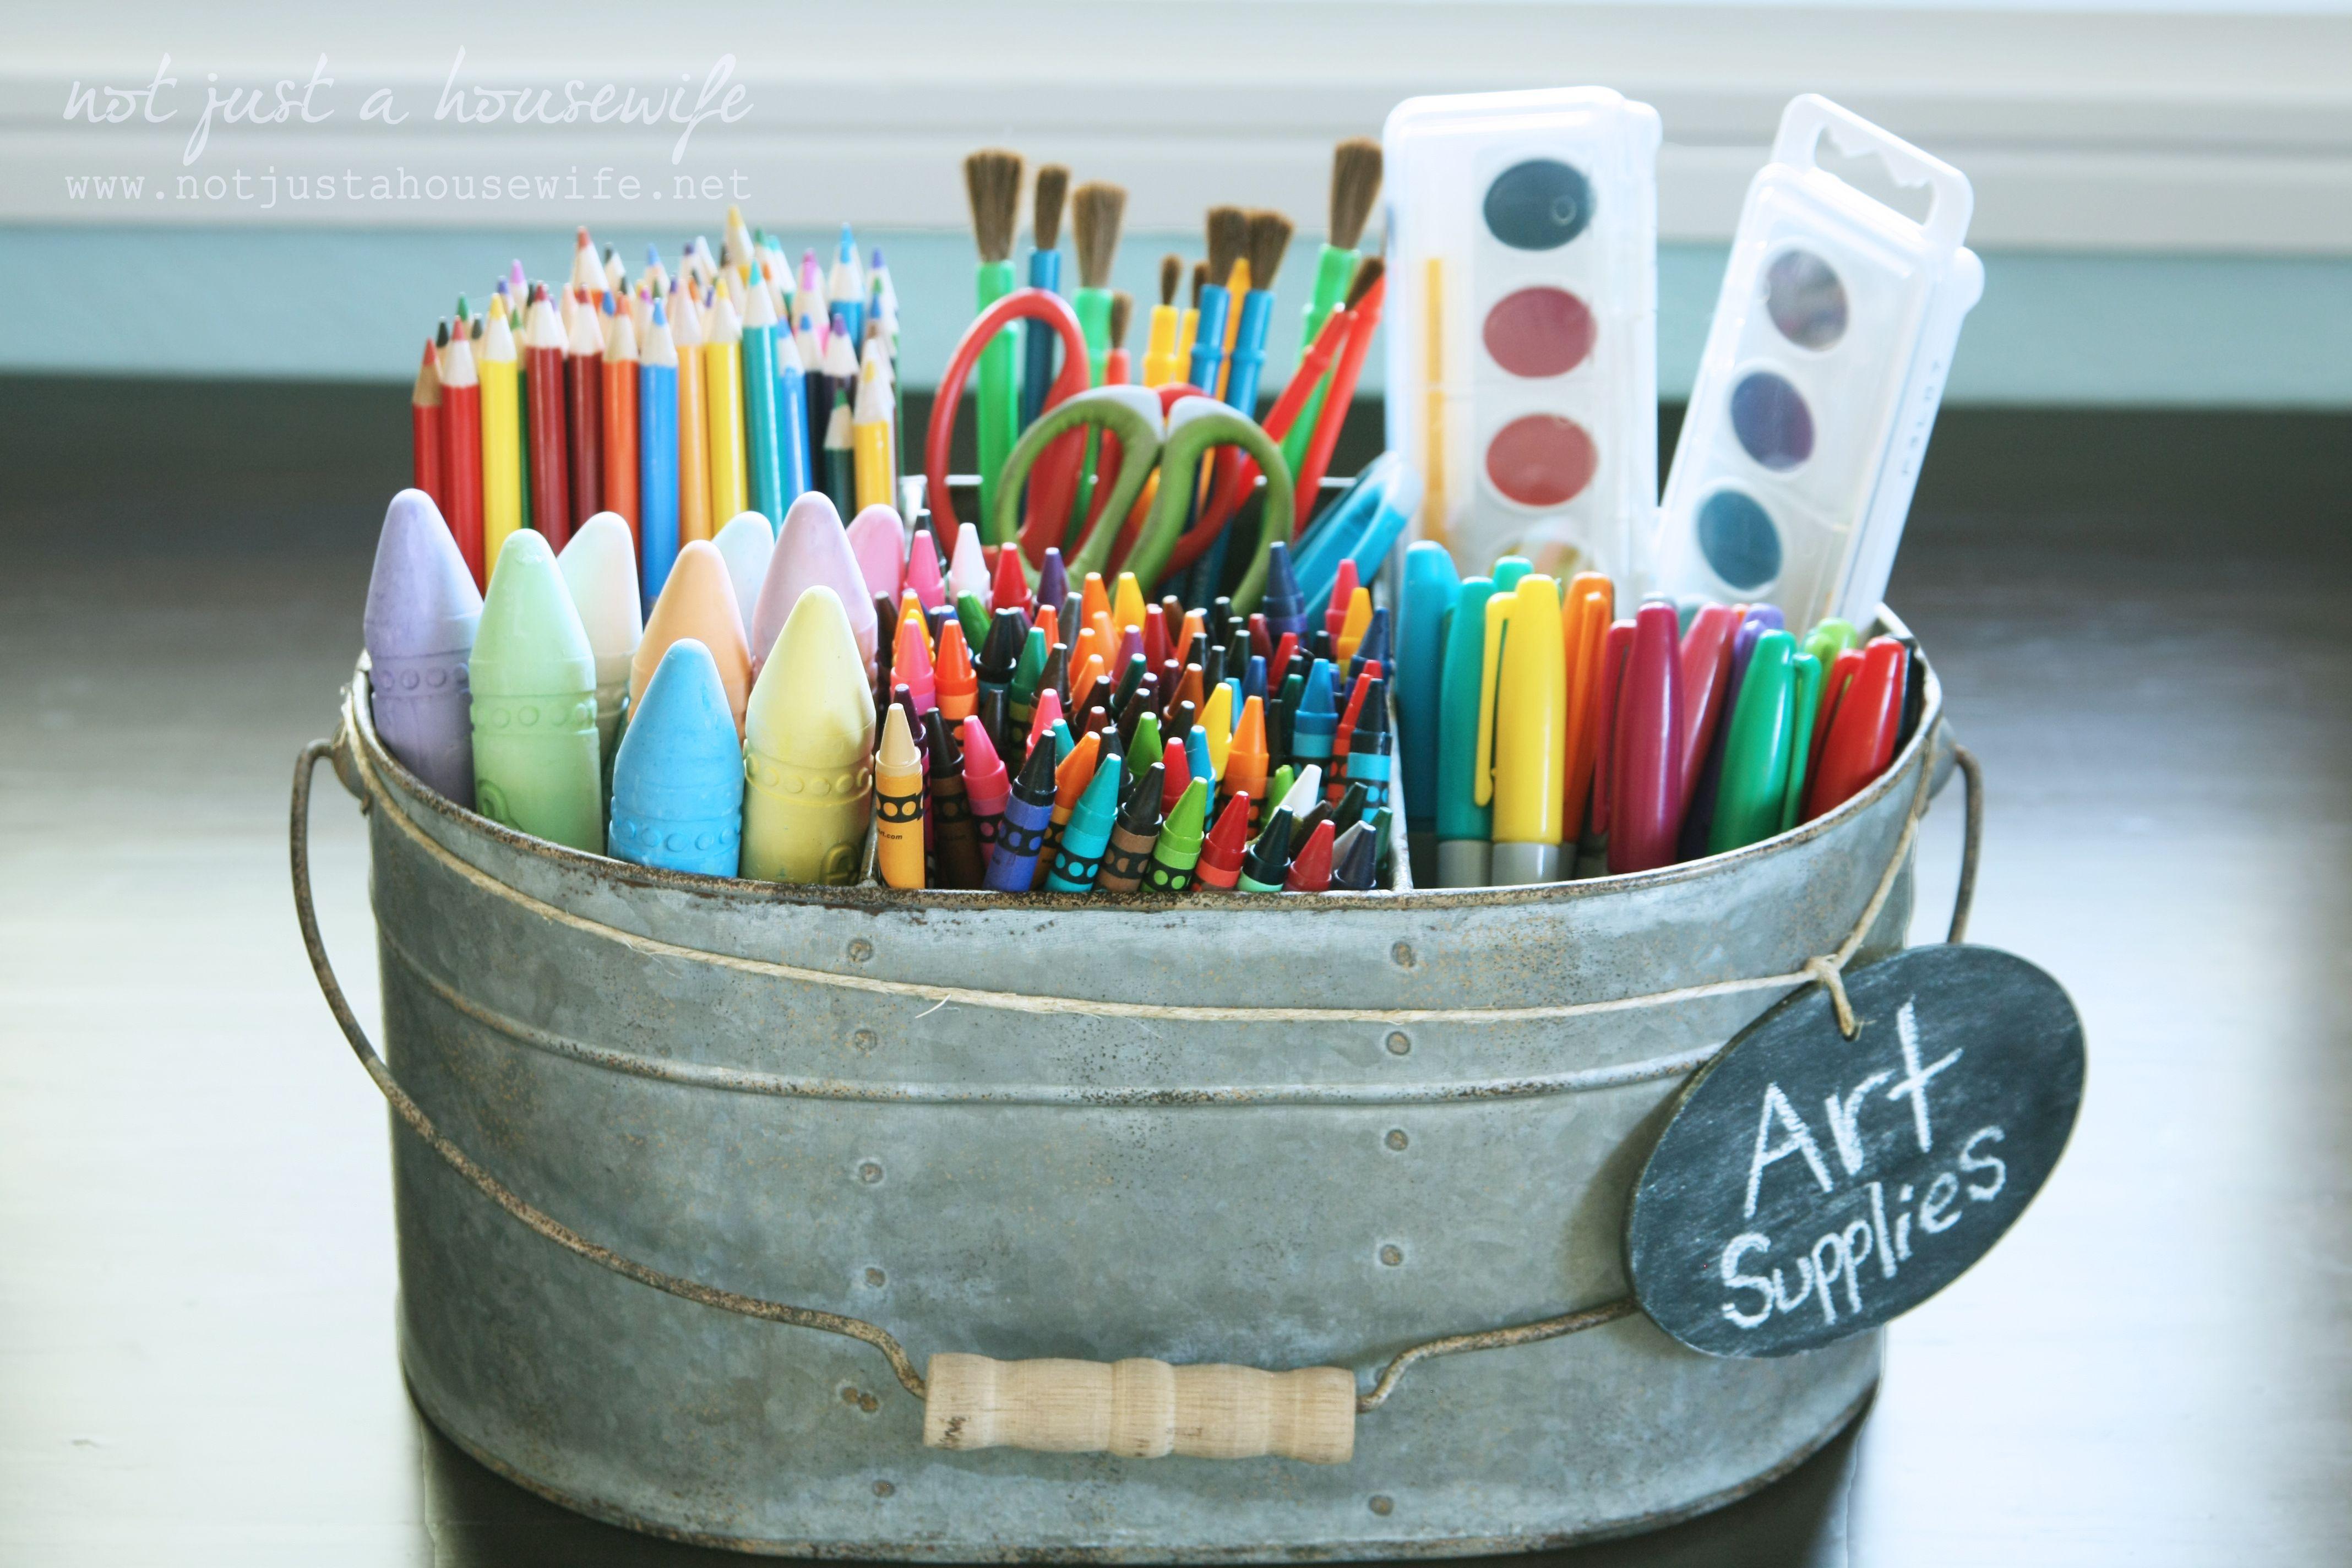 Fun finds stacy risenmay kids art supplies art